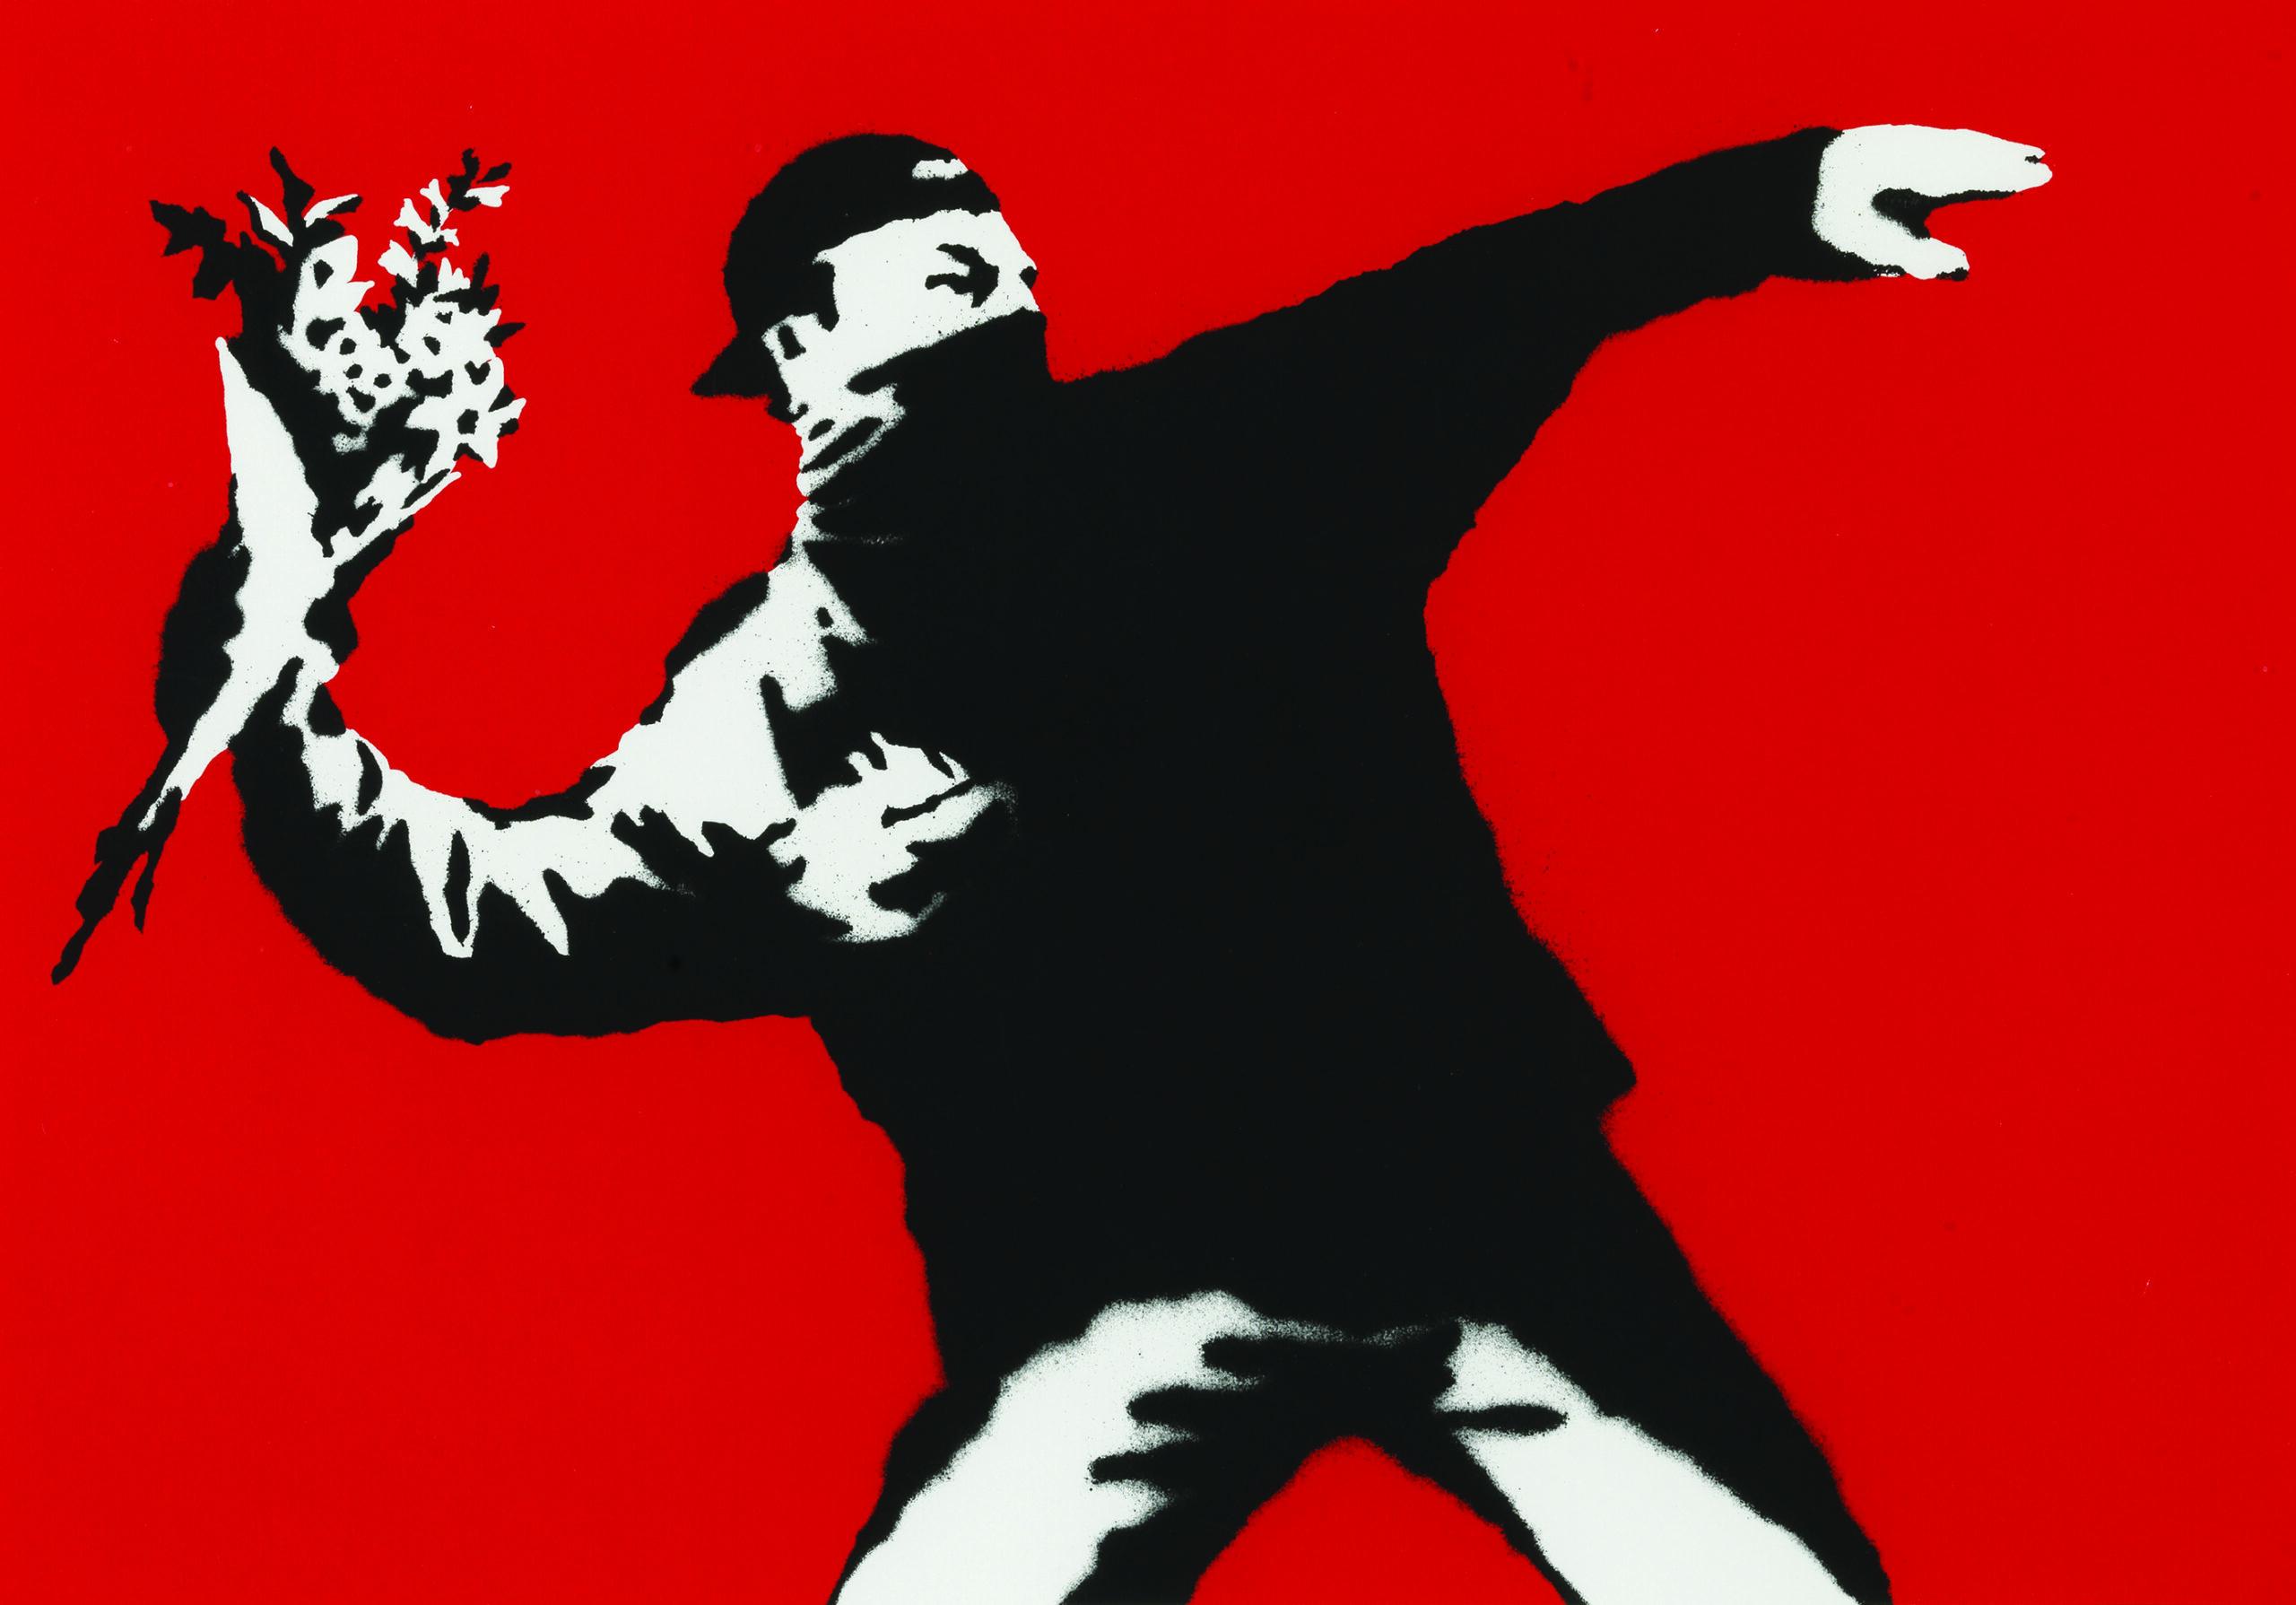 A Palermo la mostra su Banksy, artista potente e invisibile come un supereroe